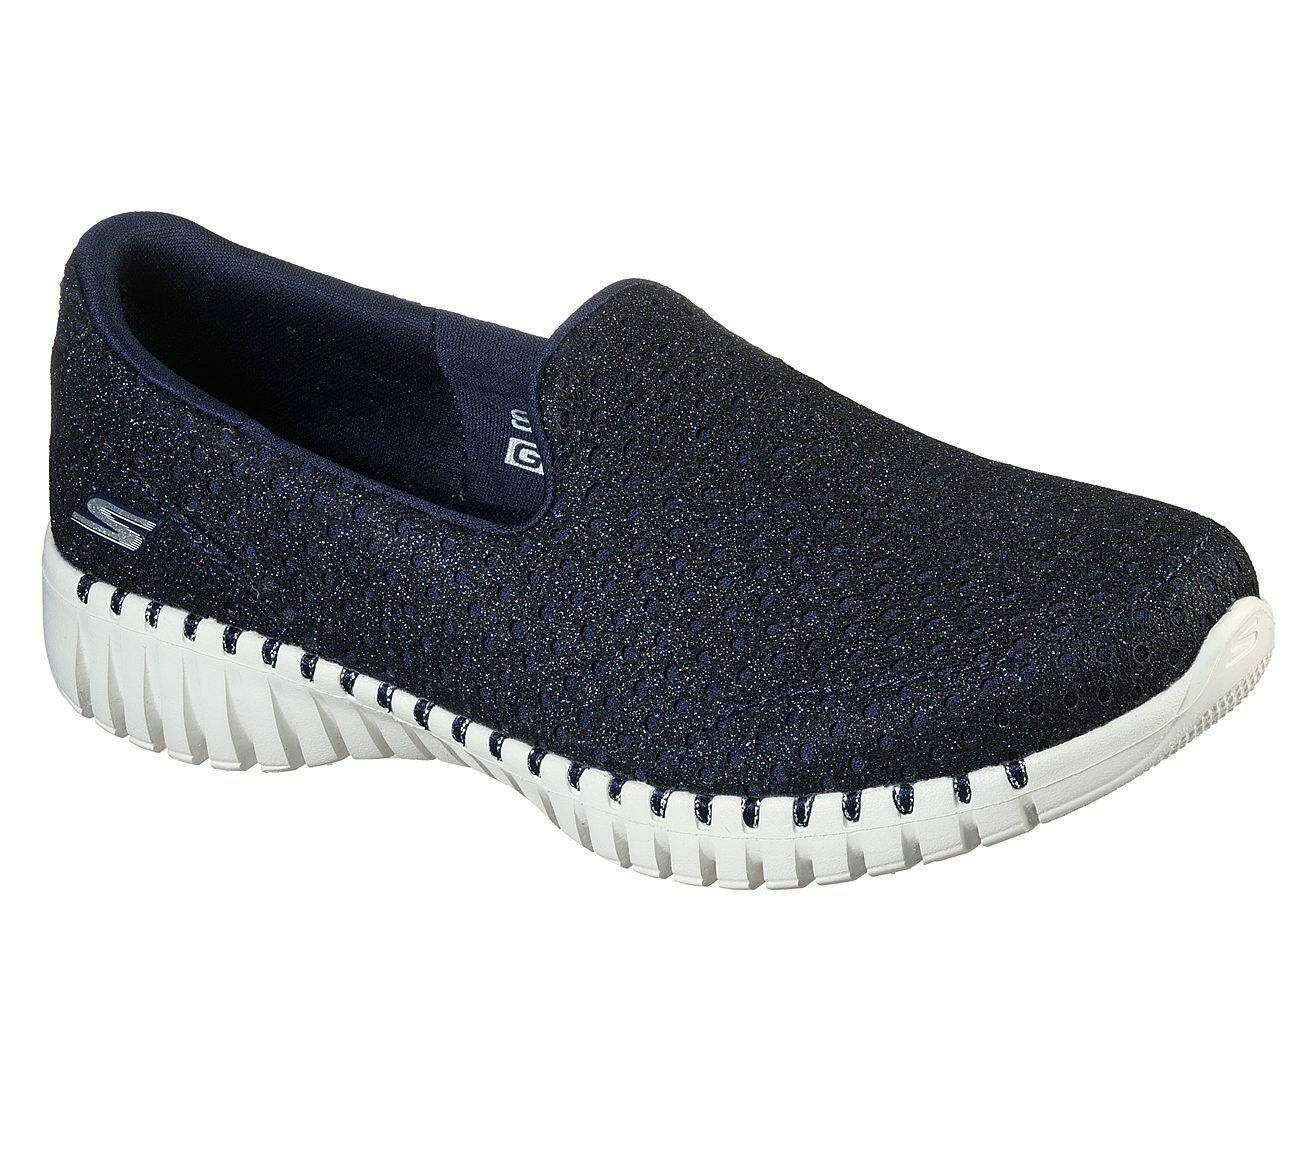 Skechers Shoes Navy Go Walk Smart Women